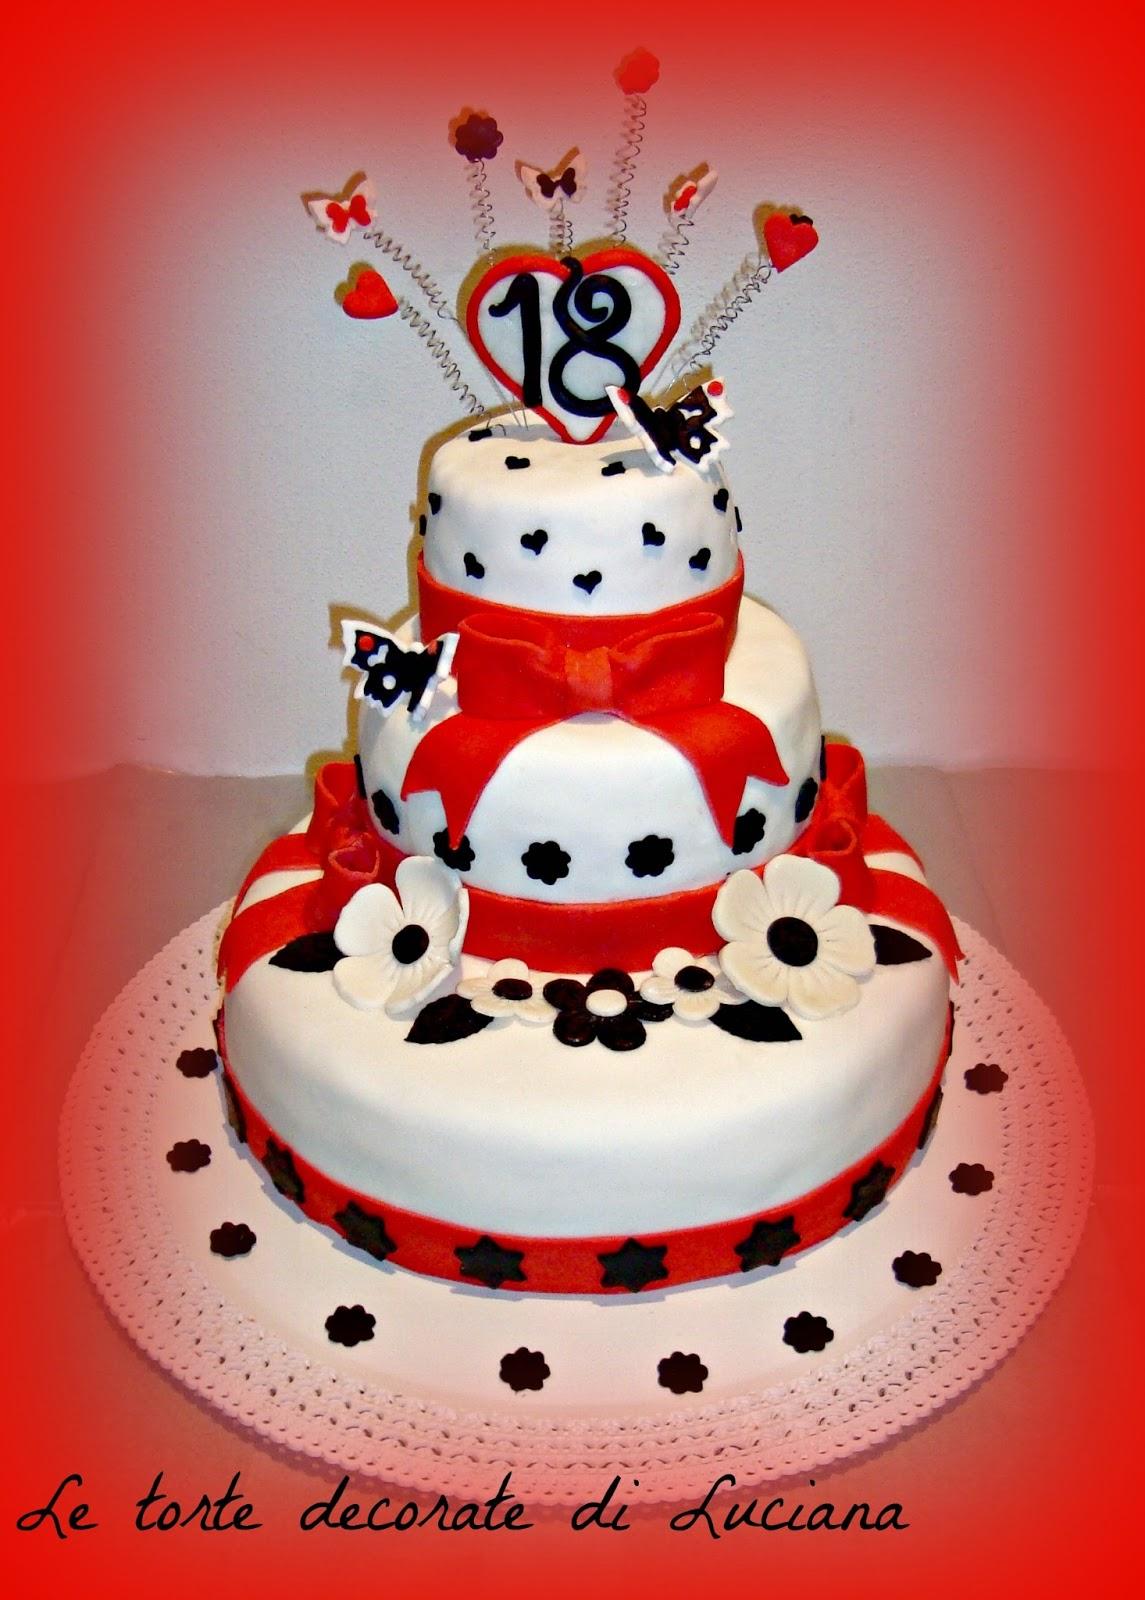 Le torte decorate torta 18 anni in bianco rosso nero for Torte per 18 anni maschile